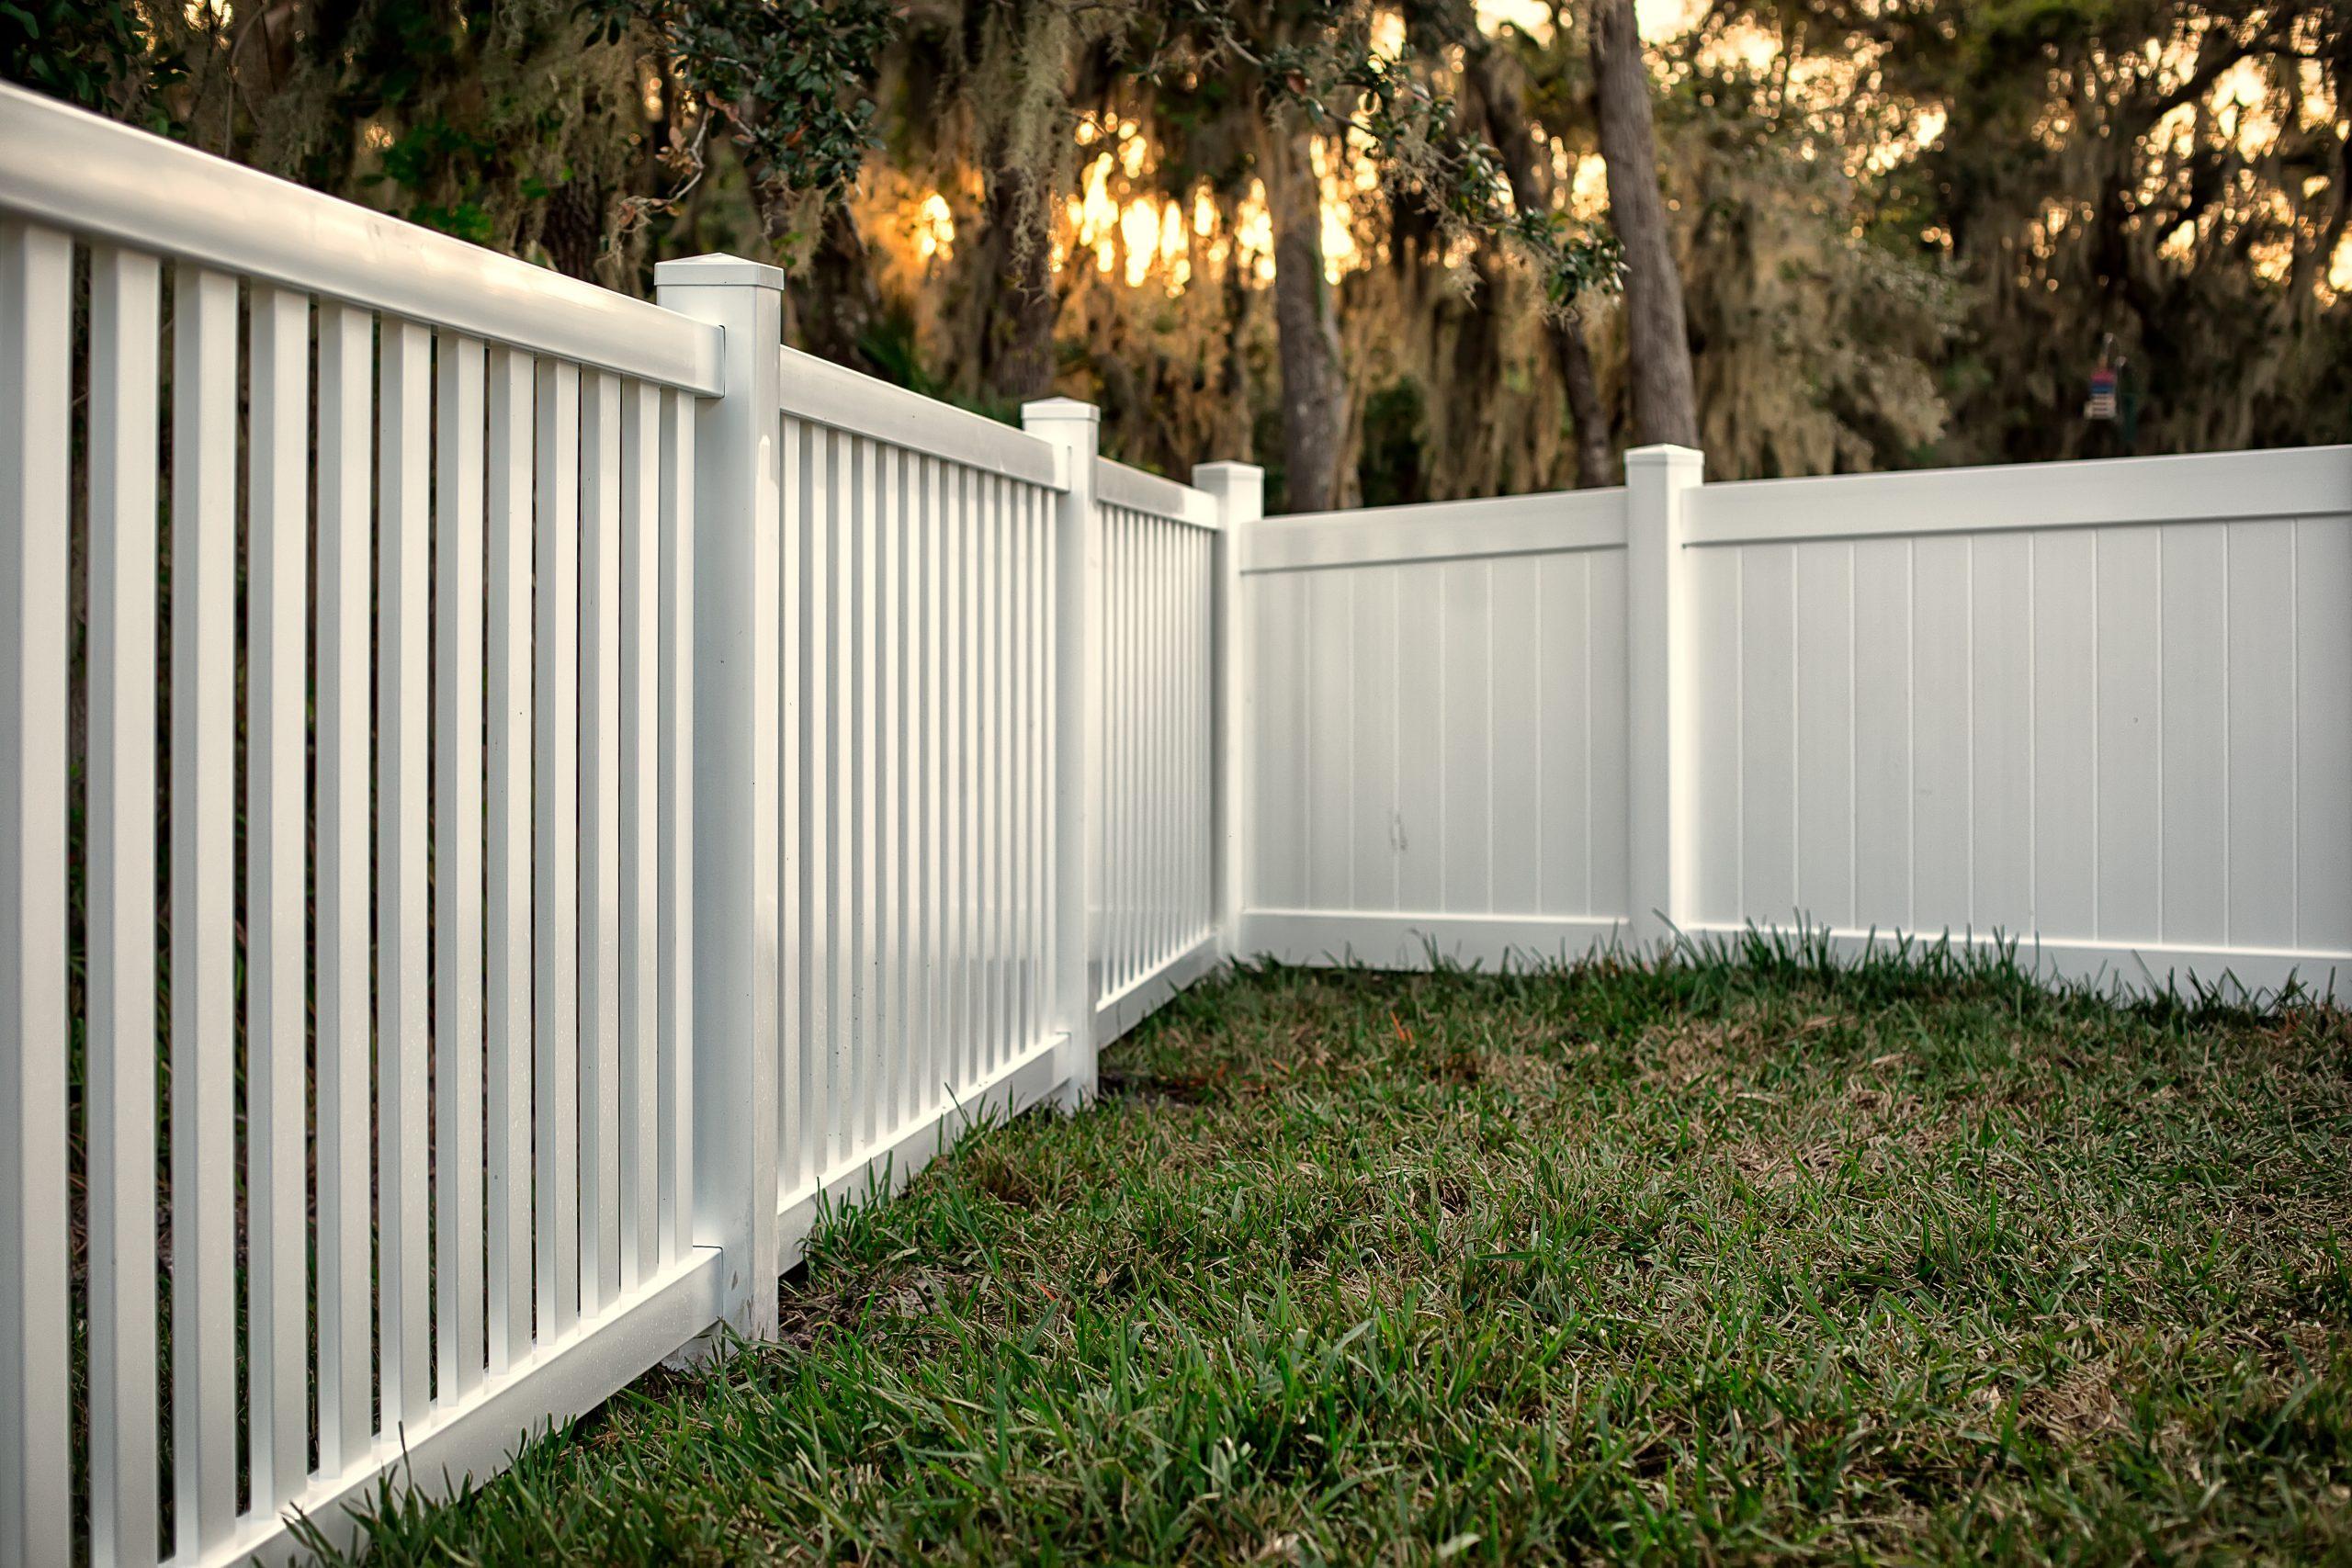 Les Différents Types De Clôtures Disponibles Pour Votre Jardin avec Barrière Bois Jardin